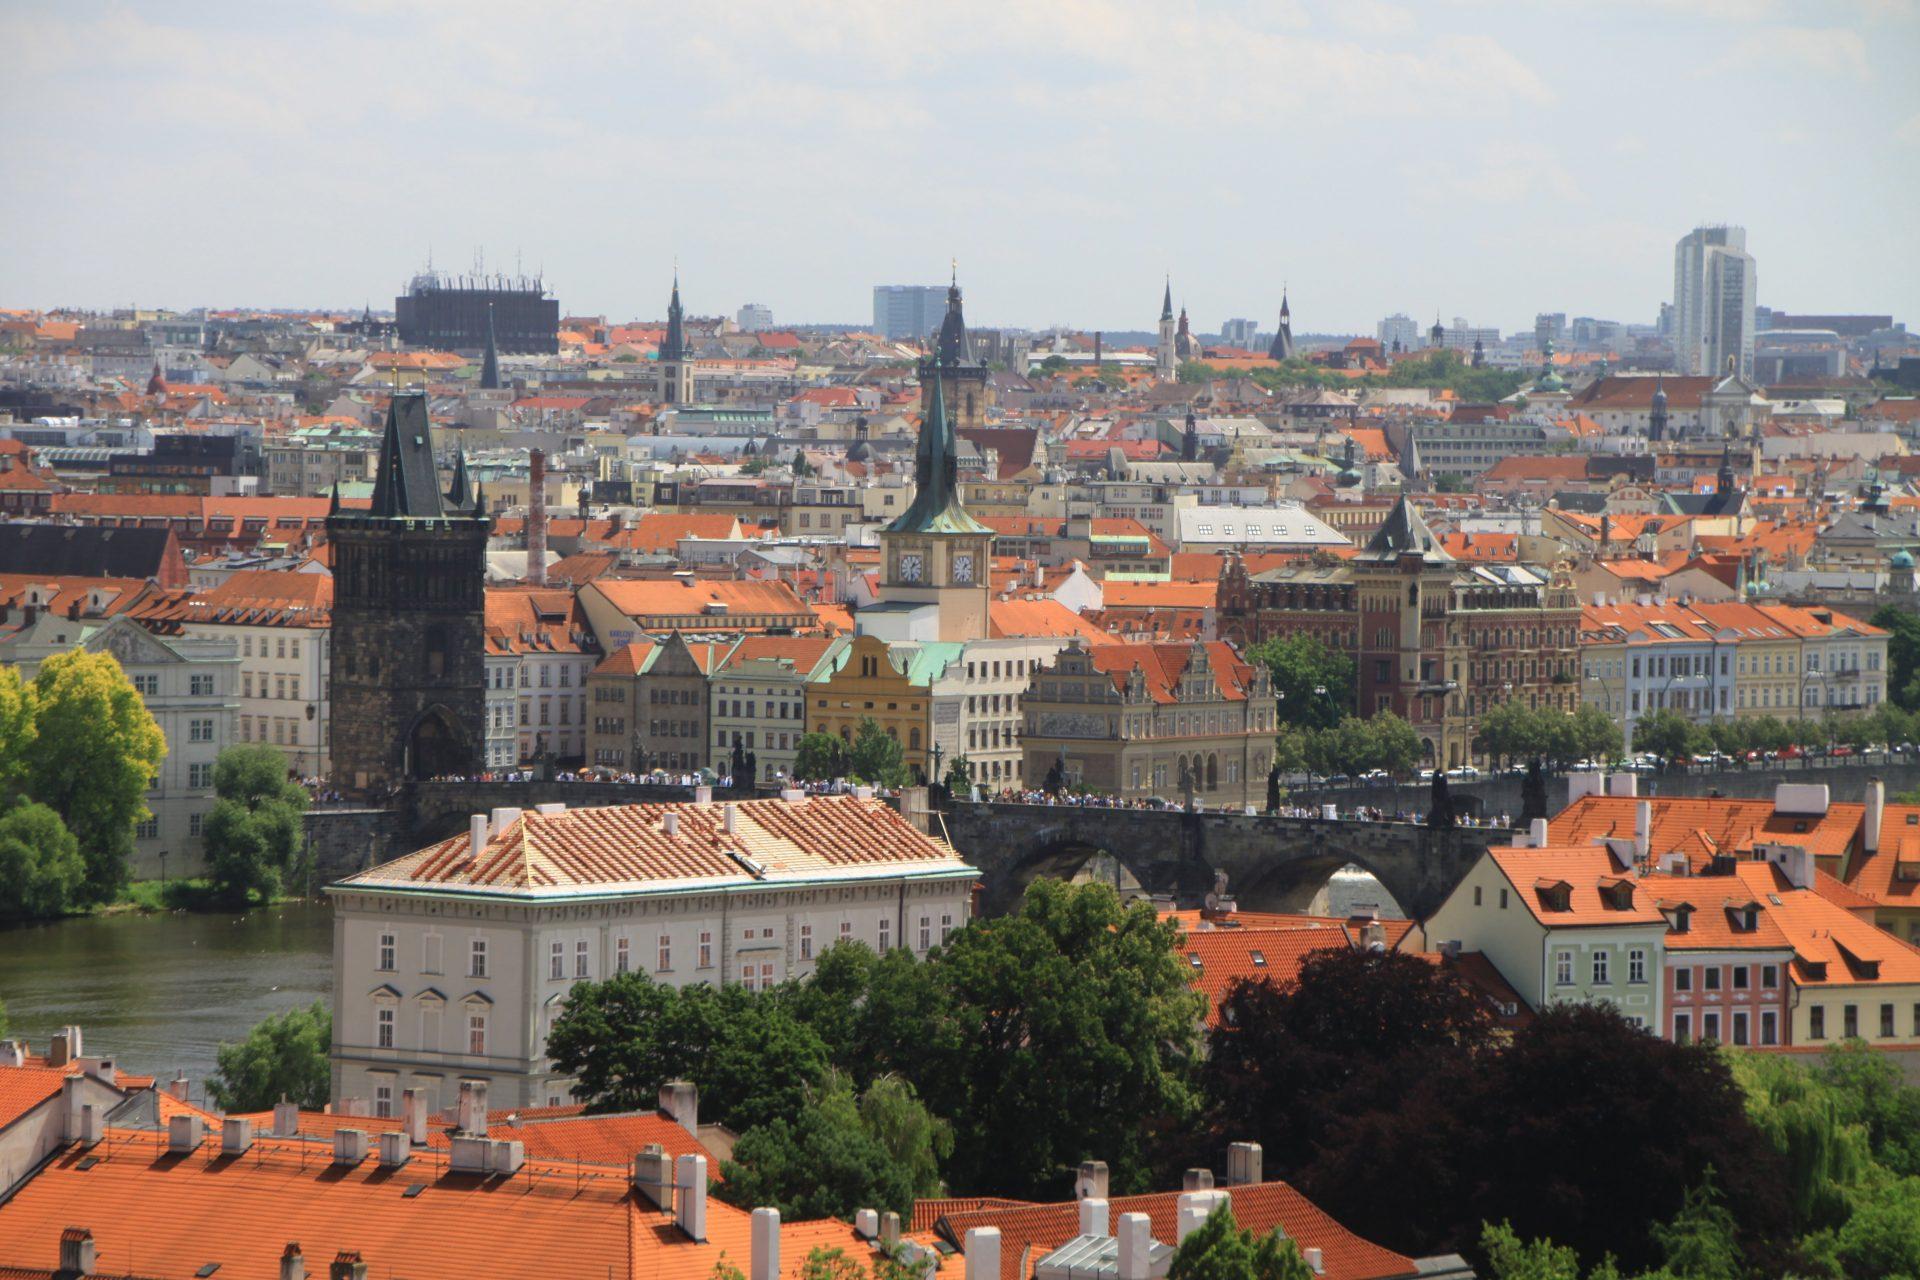 Вид на Карлов мост и город, Прага, Чехия. Июль, 2012